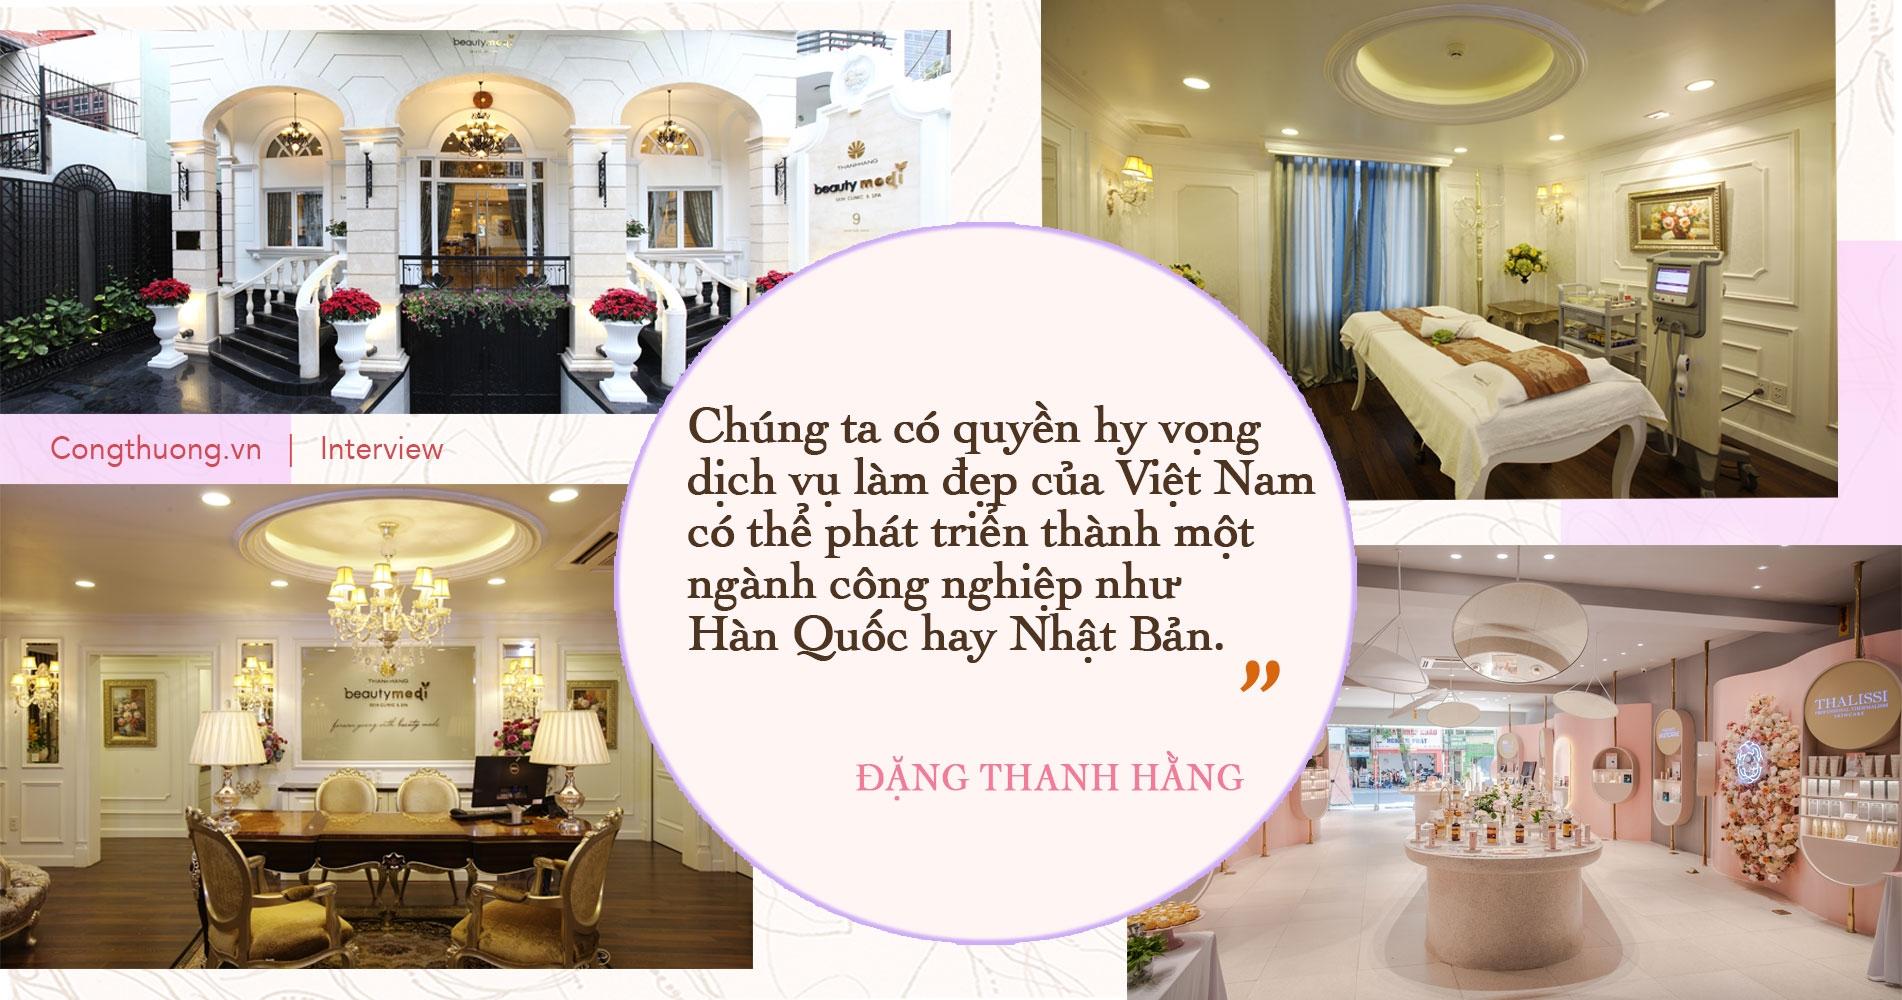 Nữ doanh nhân Đặng Thanh Hằng và triết lý Tâm, Tín trong kinh doanh